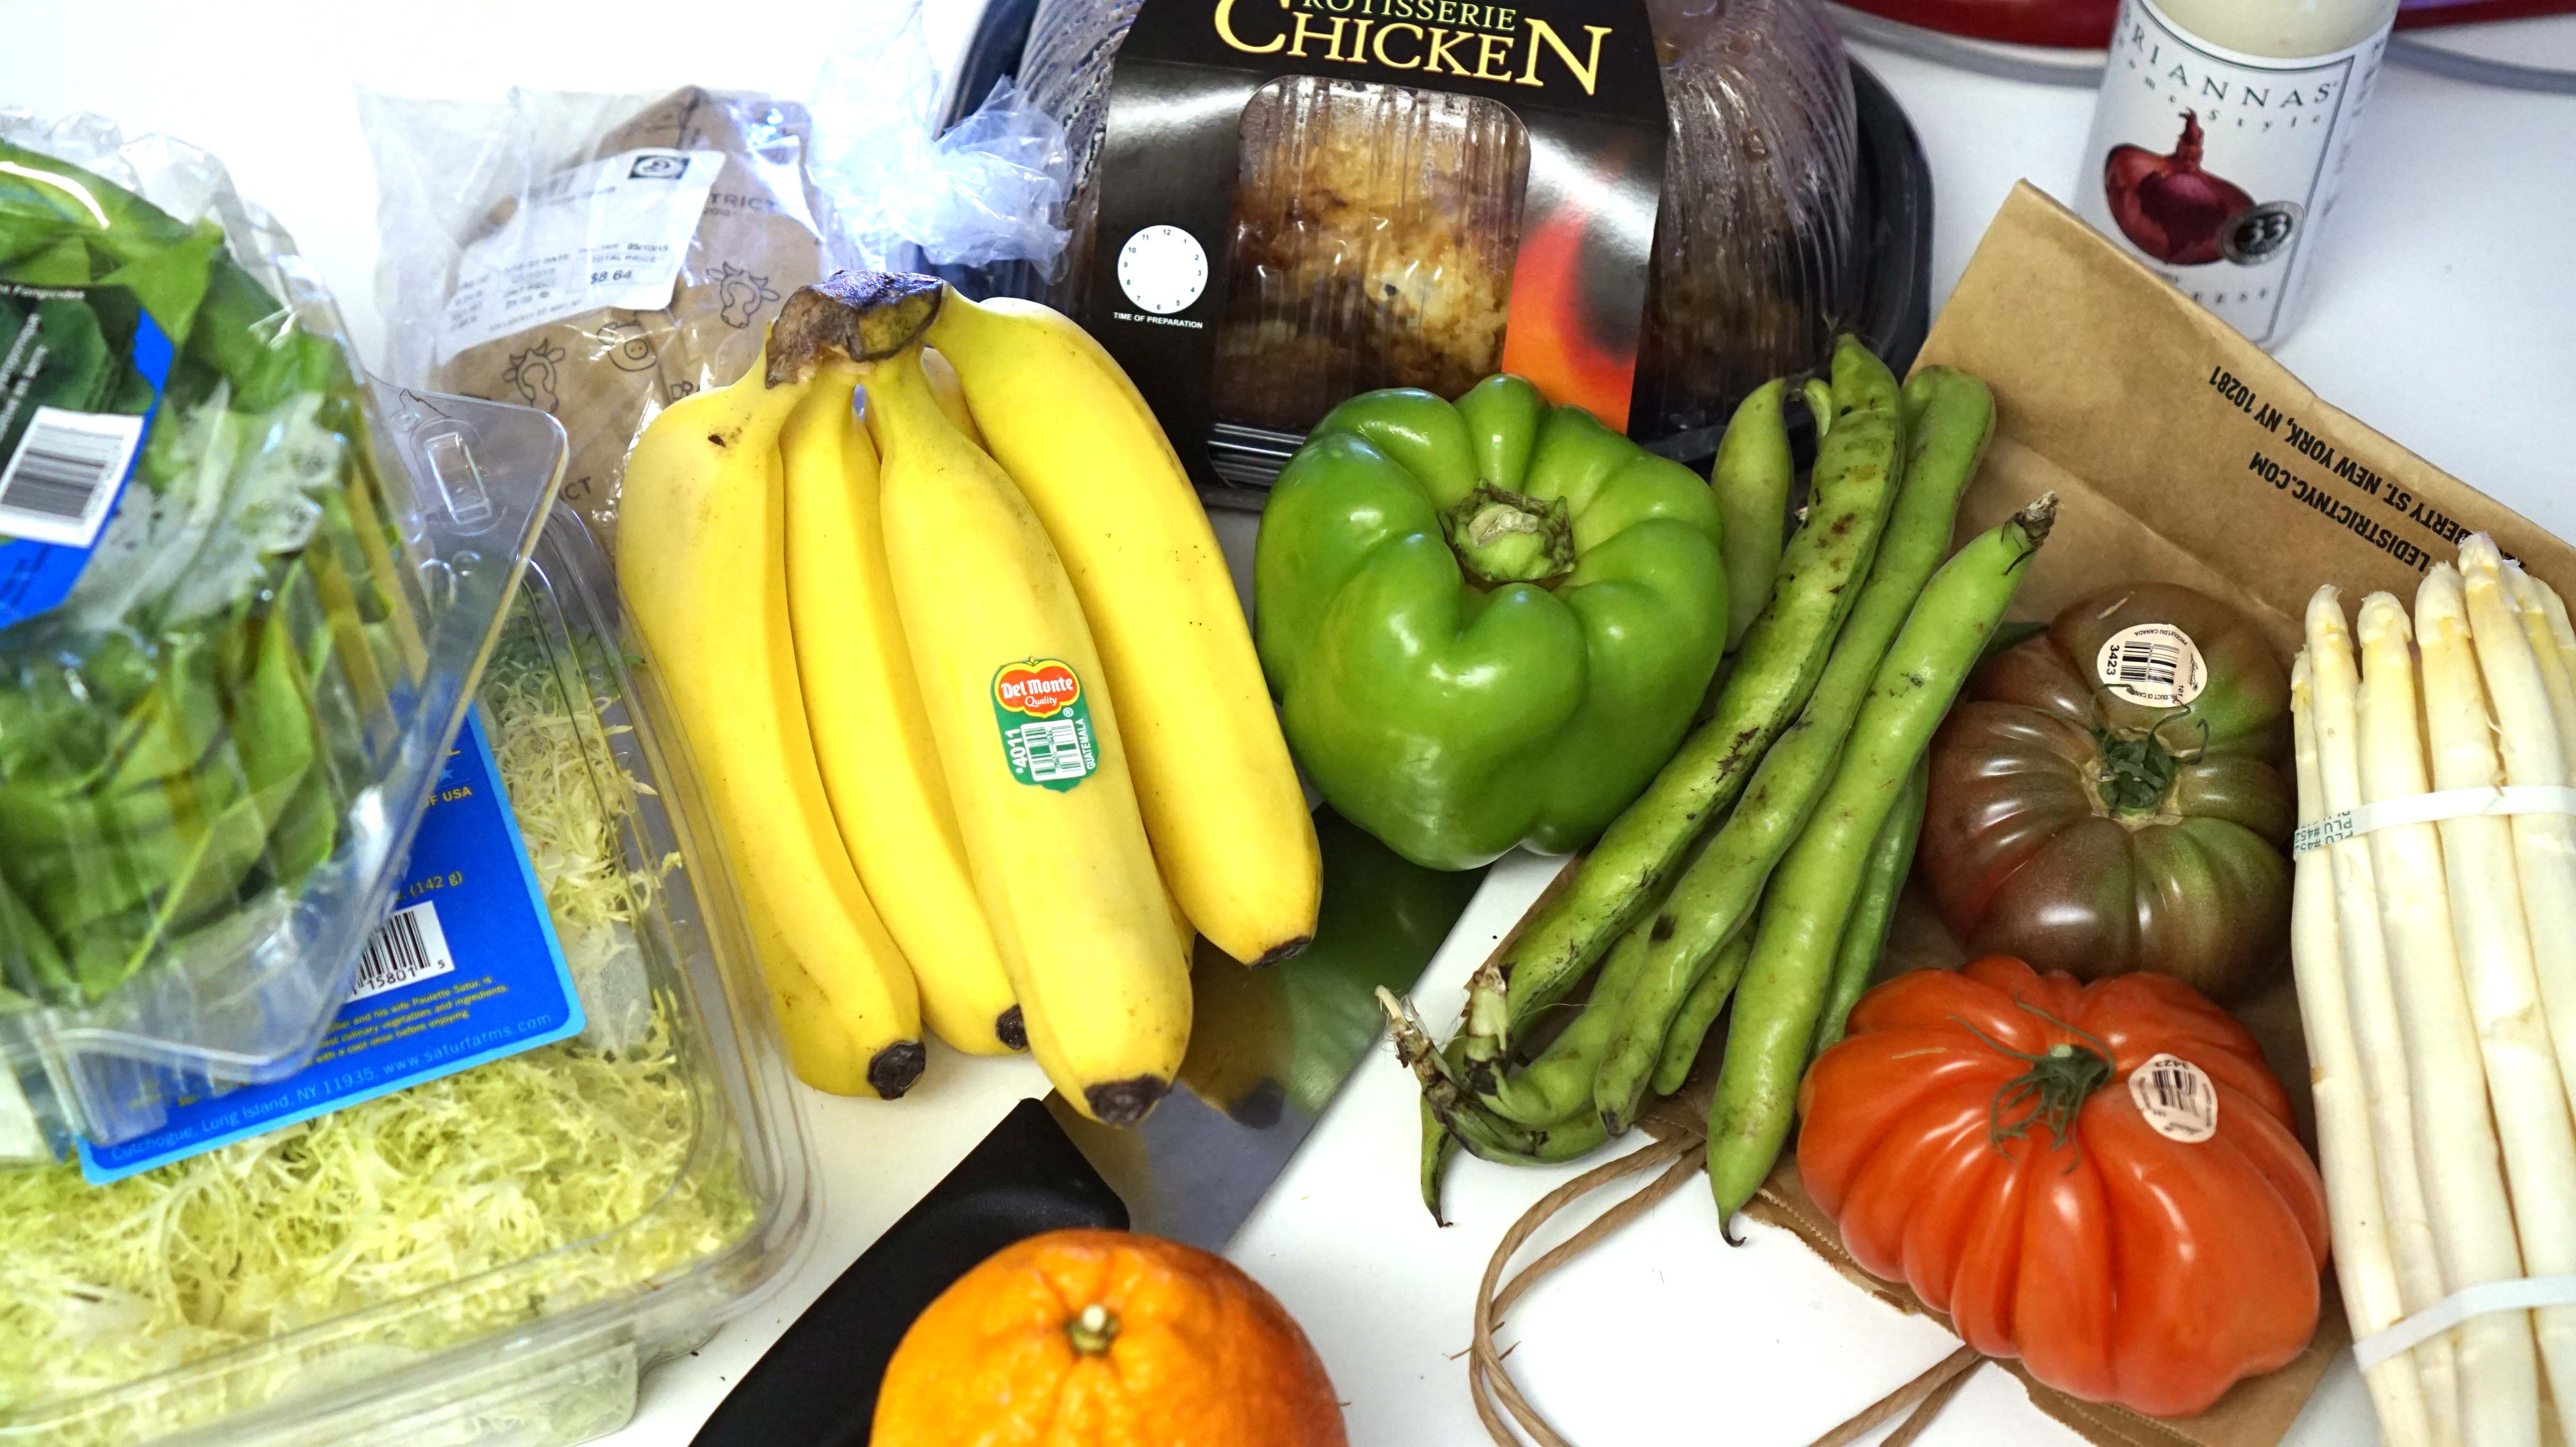 Le District groceries